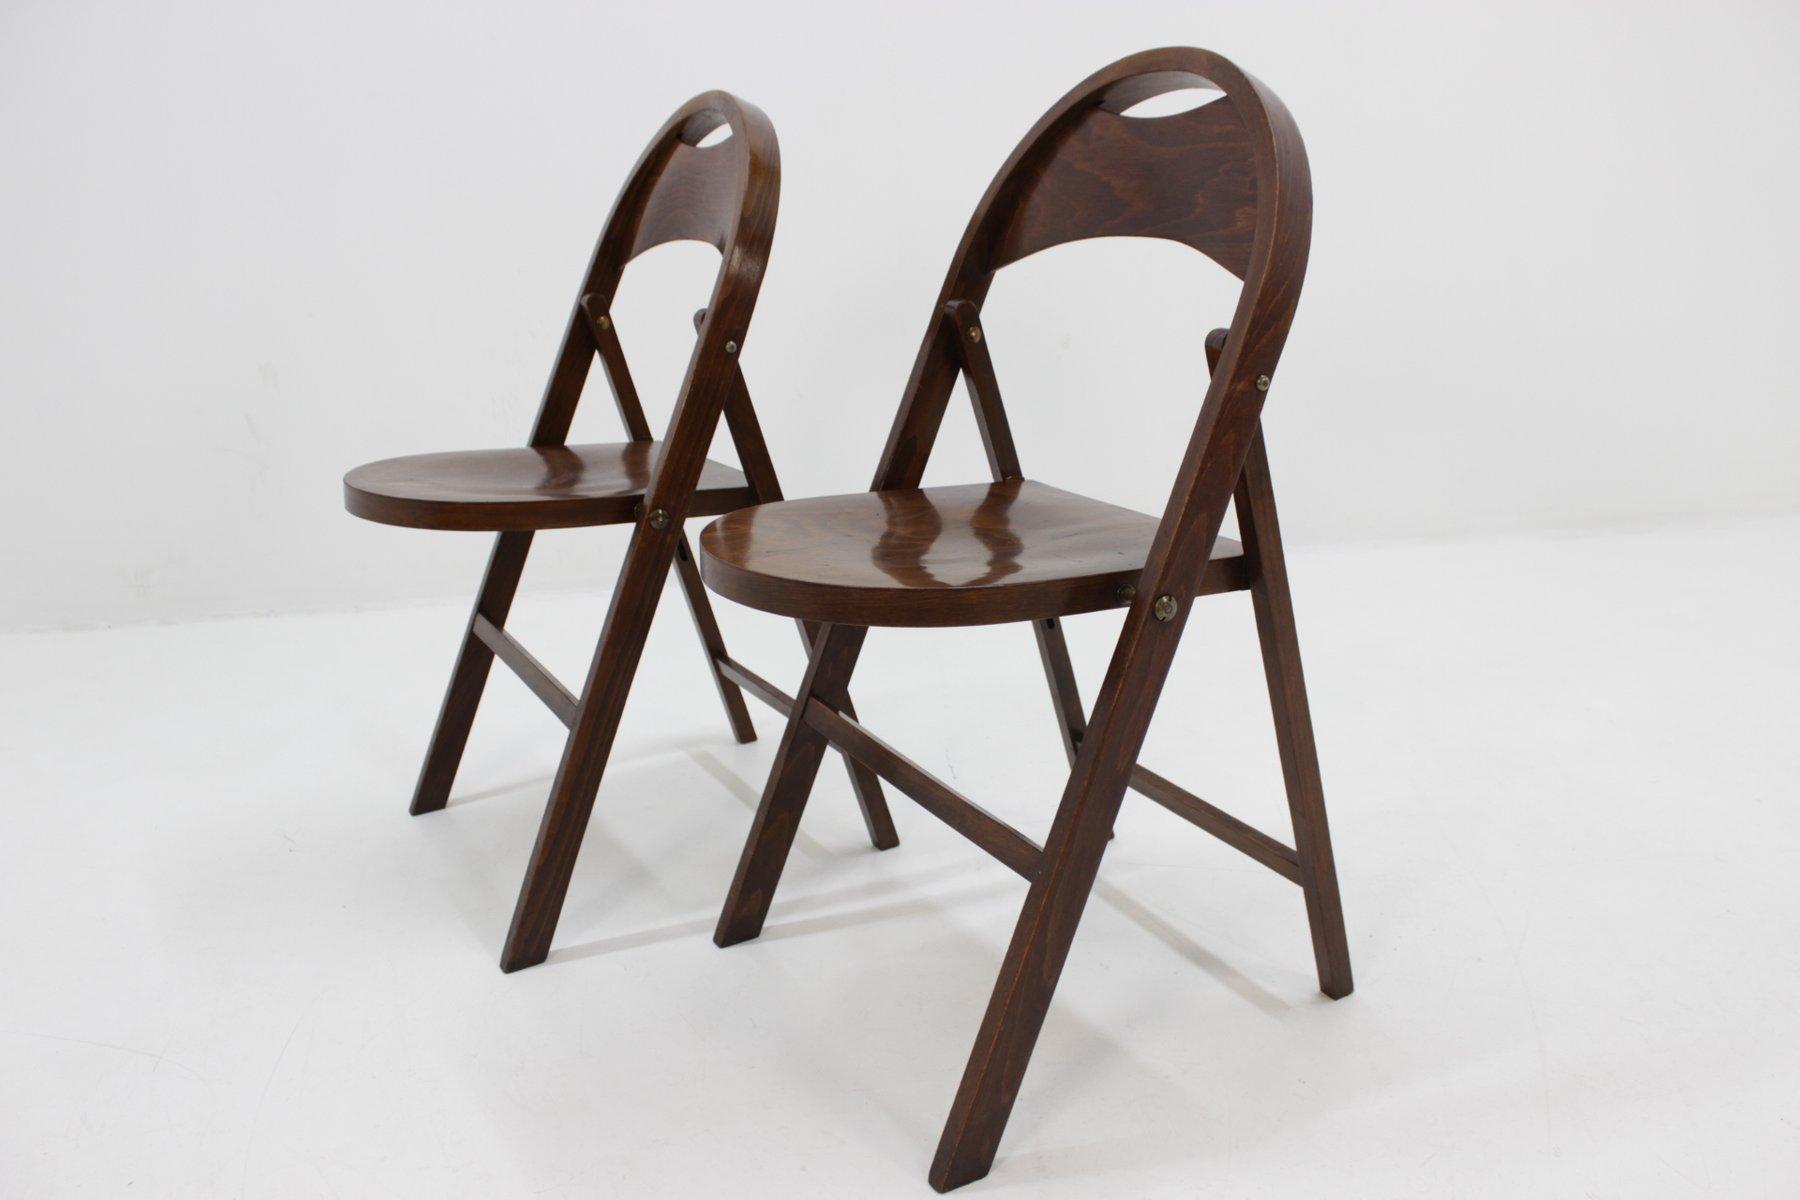 chaises pliables bauhaus b 751 de thonet 1930s set de 2 - Chaises Pliables